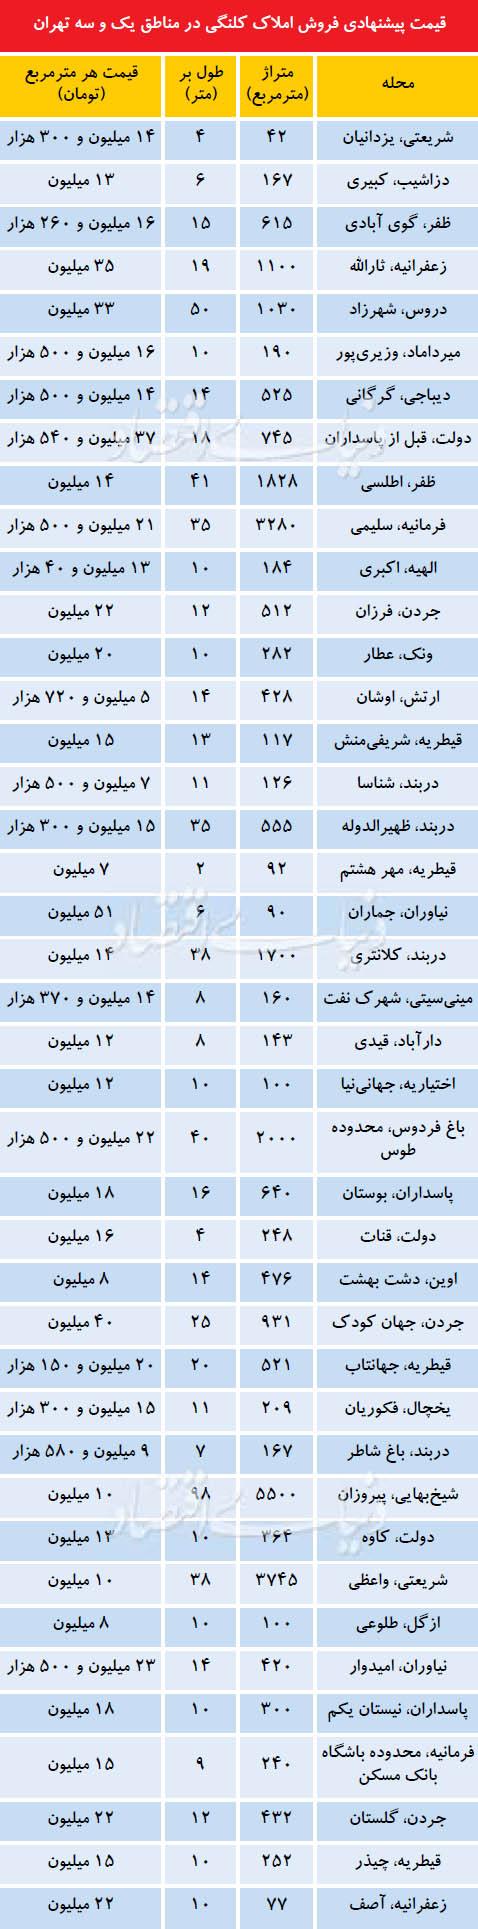 قیمت پیشنهادی فروش ملک در تهران